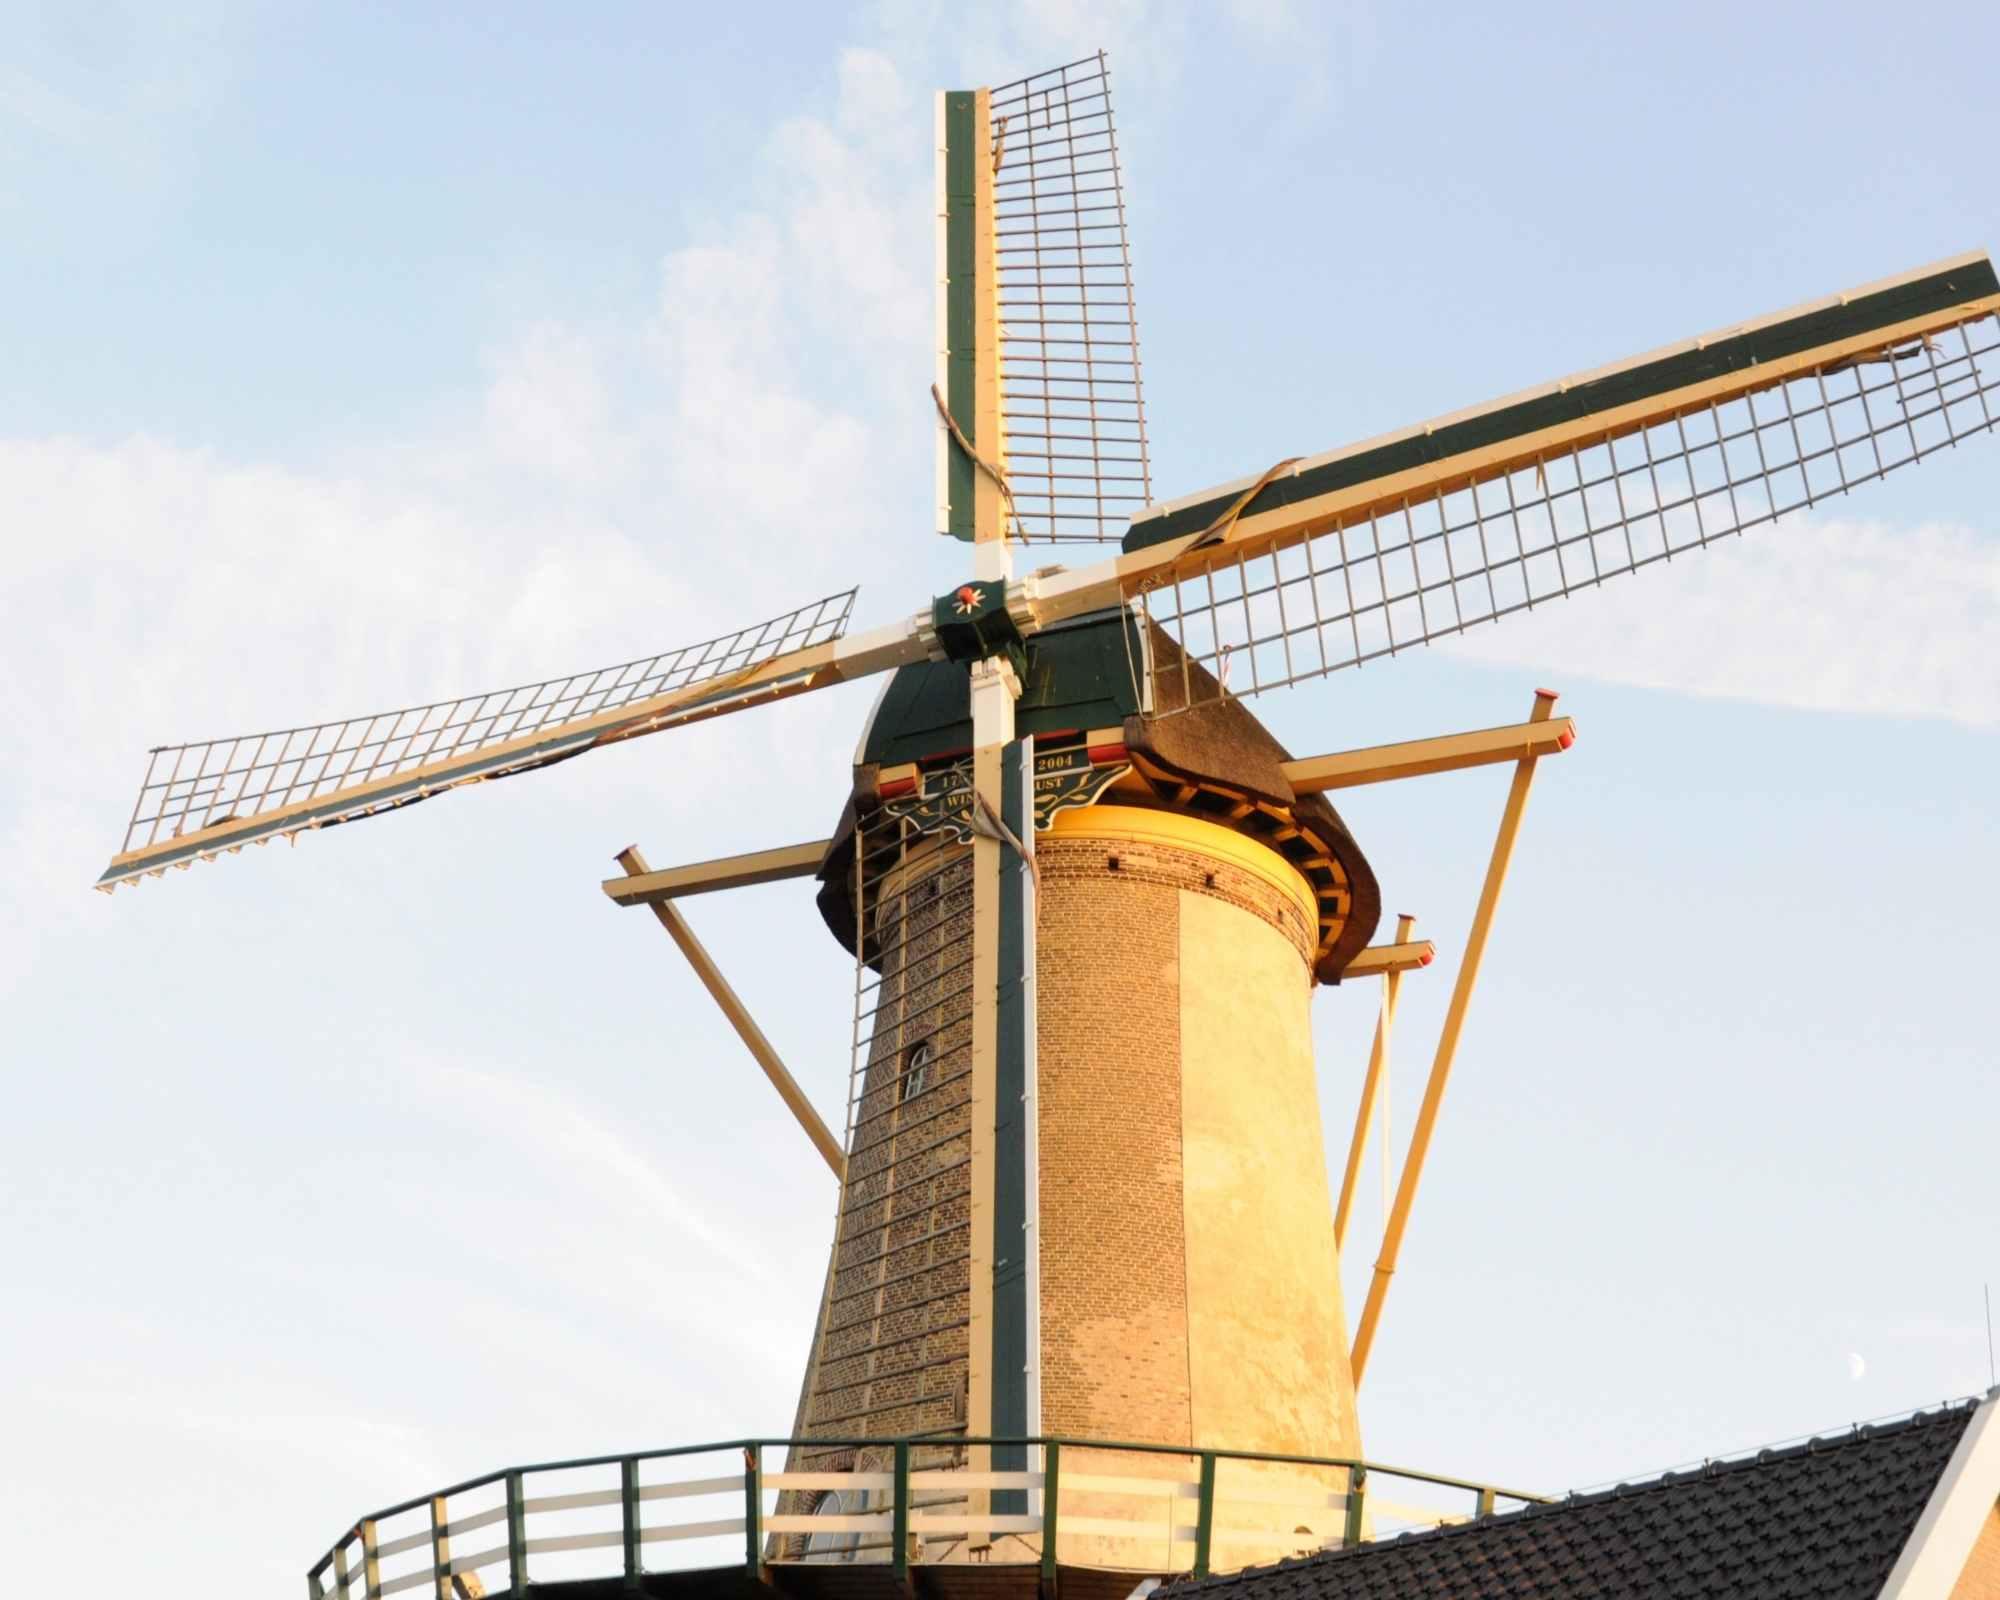 Fruitmand Nieuwerkerk aan den IJssel